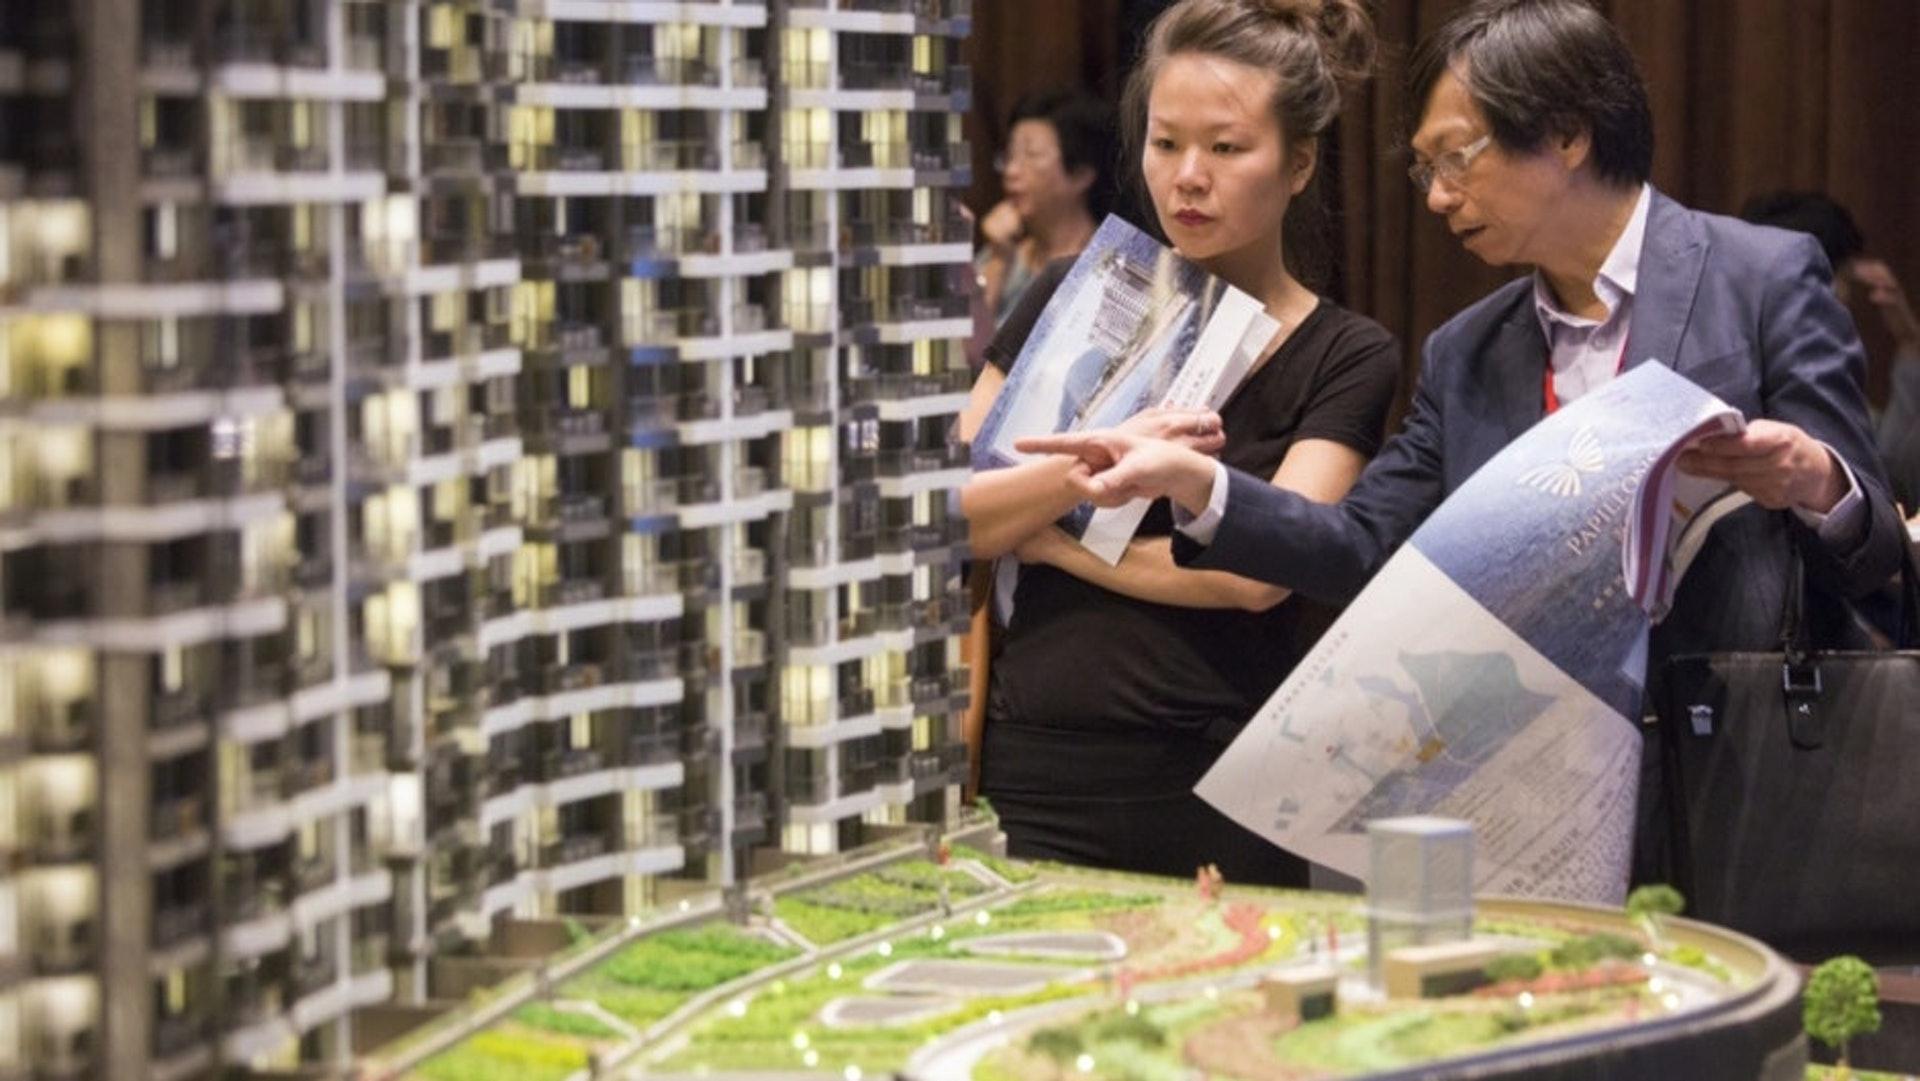 阿希回憶抽新樓的過程,稱發展商會製造「鬥快買樓」的氣氛,未計掂數的買家或容易做錯決定。(資料圖片)